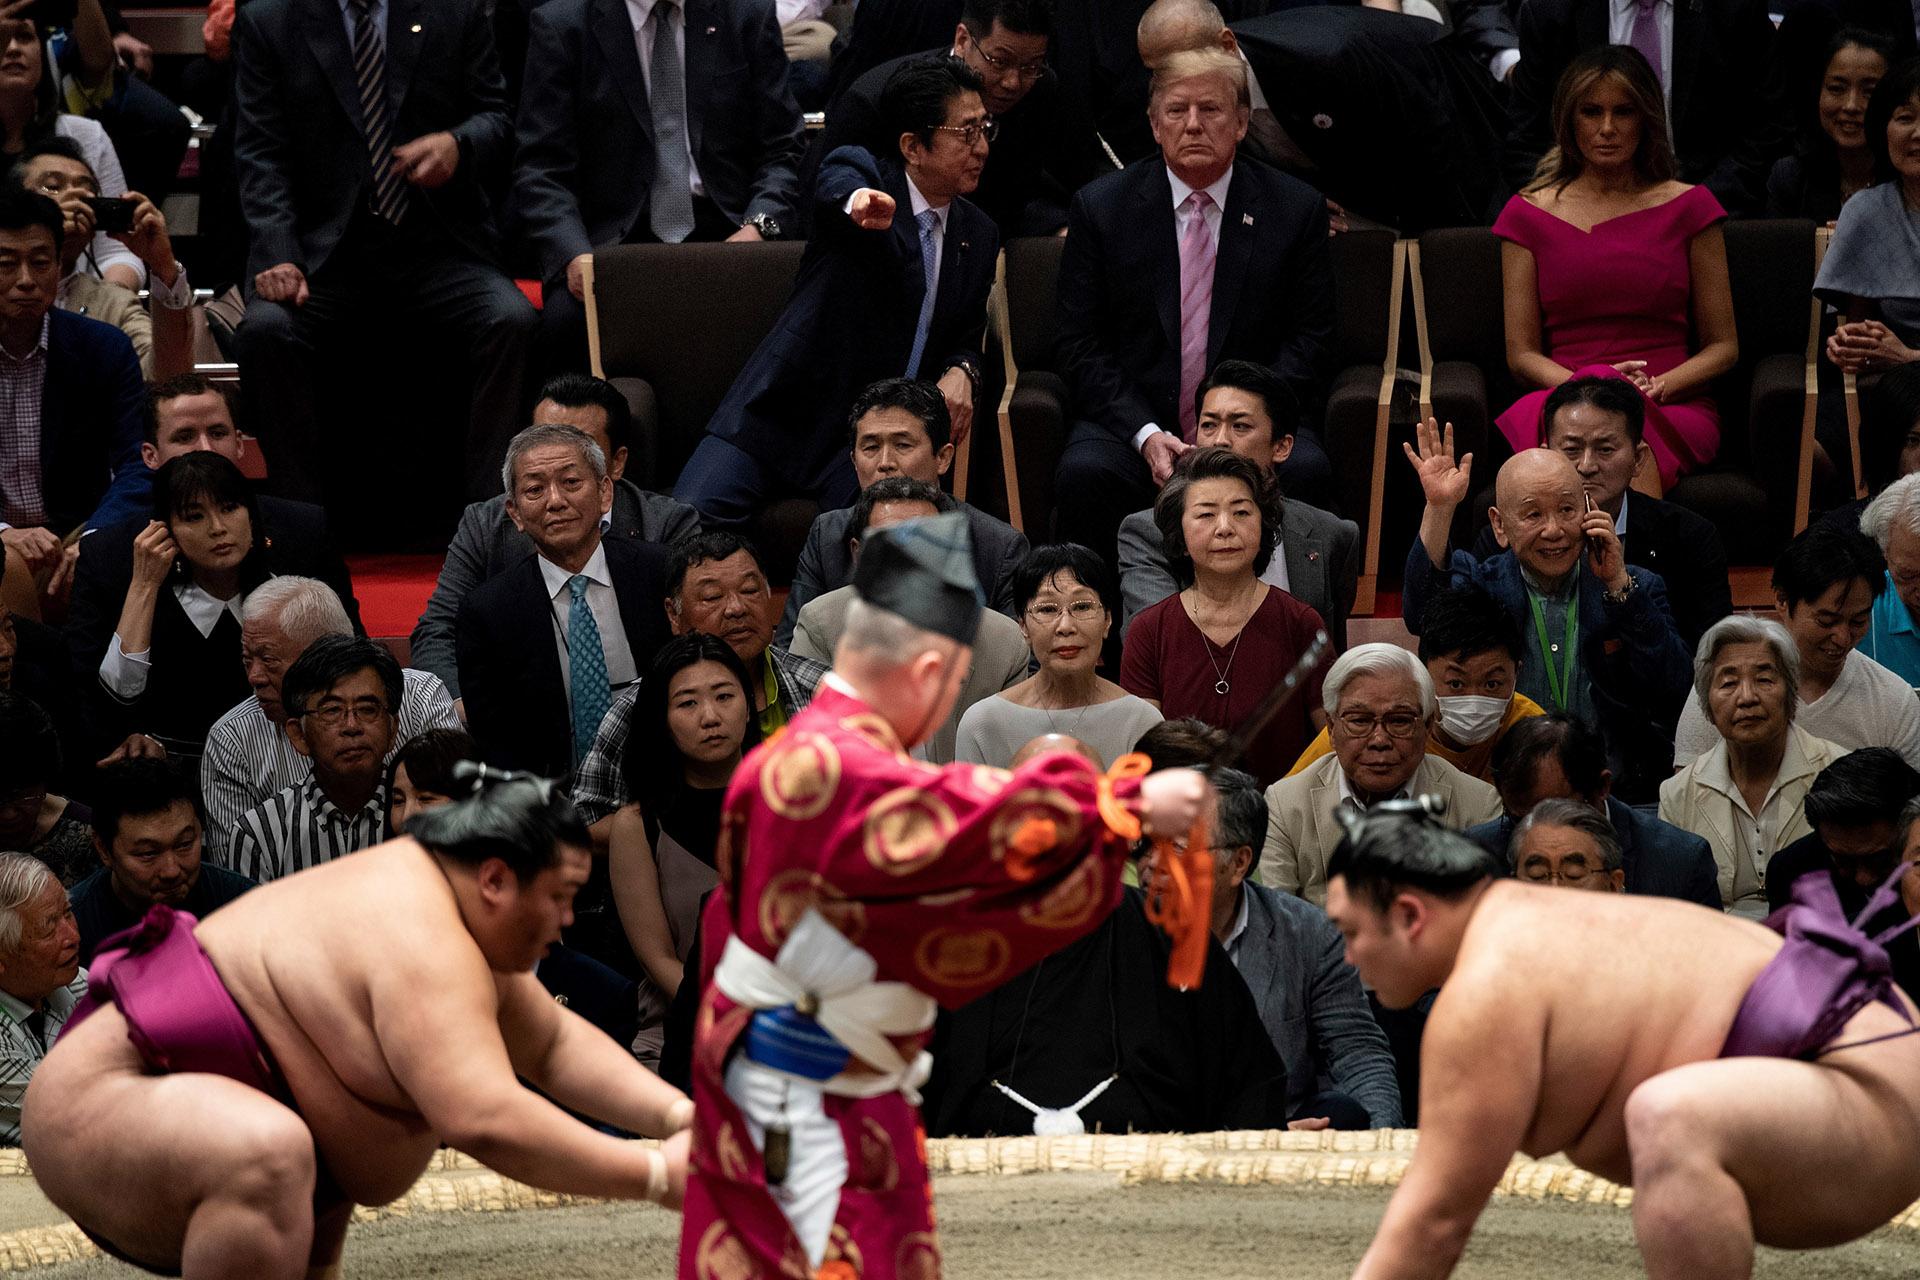 Fue el acto final de un evento que había atraído gran atención en Japón, por lo inusual de la presencia de un gobernante estadounidense, y formó parte de las actividades programadas durante la visita oficial que Trump comenzó este sábado y concluirá el martes